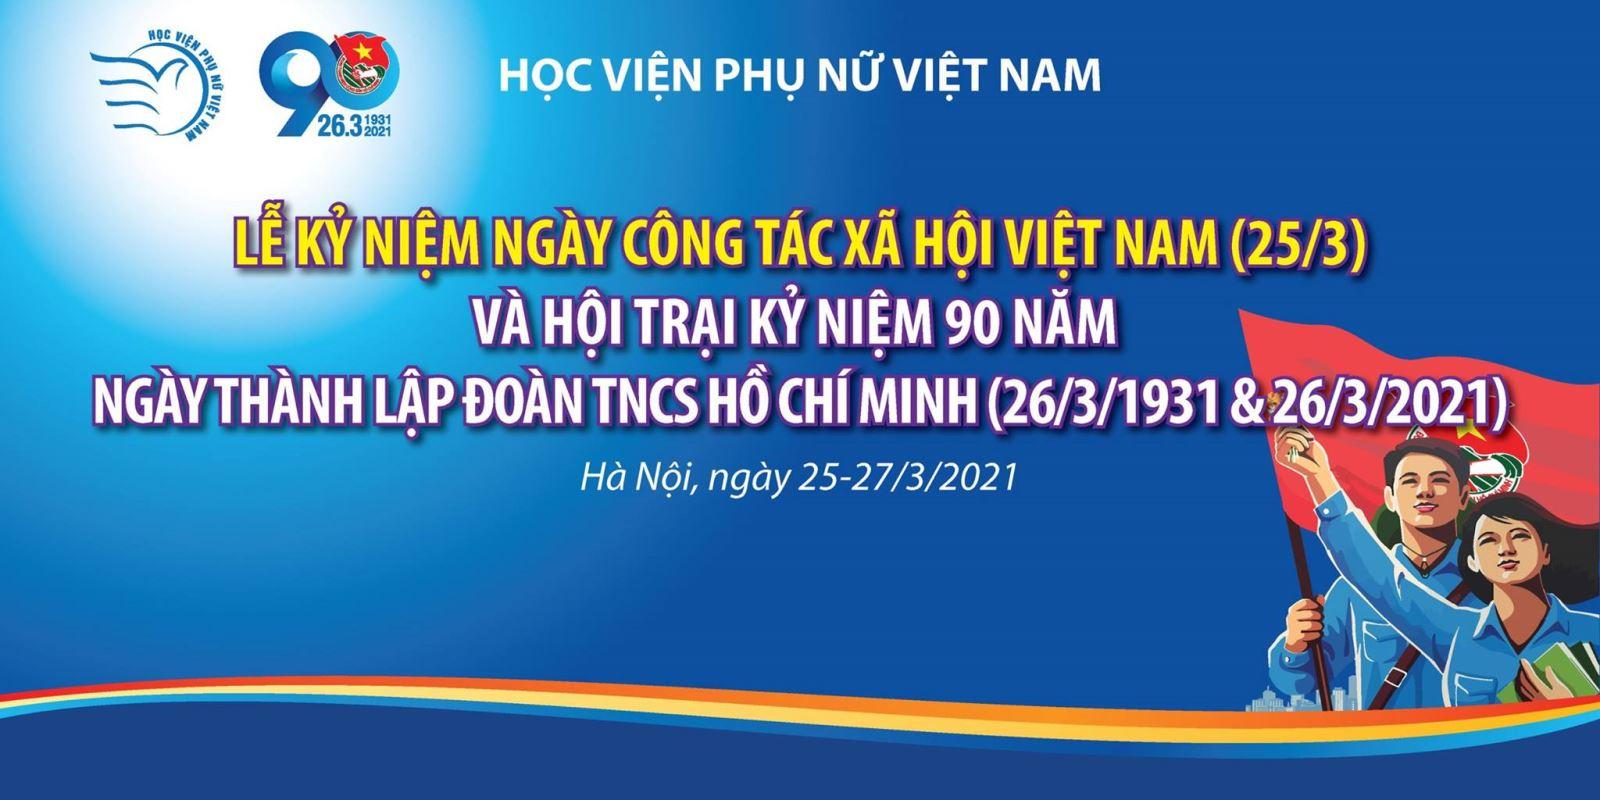 Hội trại kỉ niệm ngày CTXH và 90 năm ngày thành lập Đoàn TNCS Hồ Chí Minh